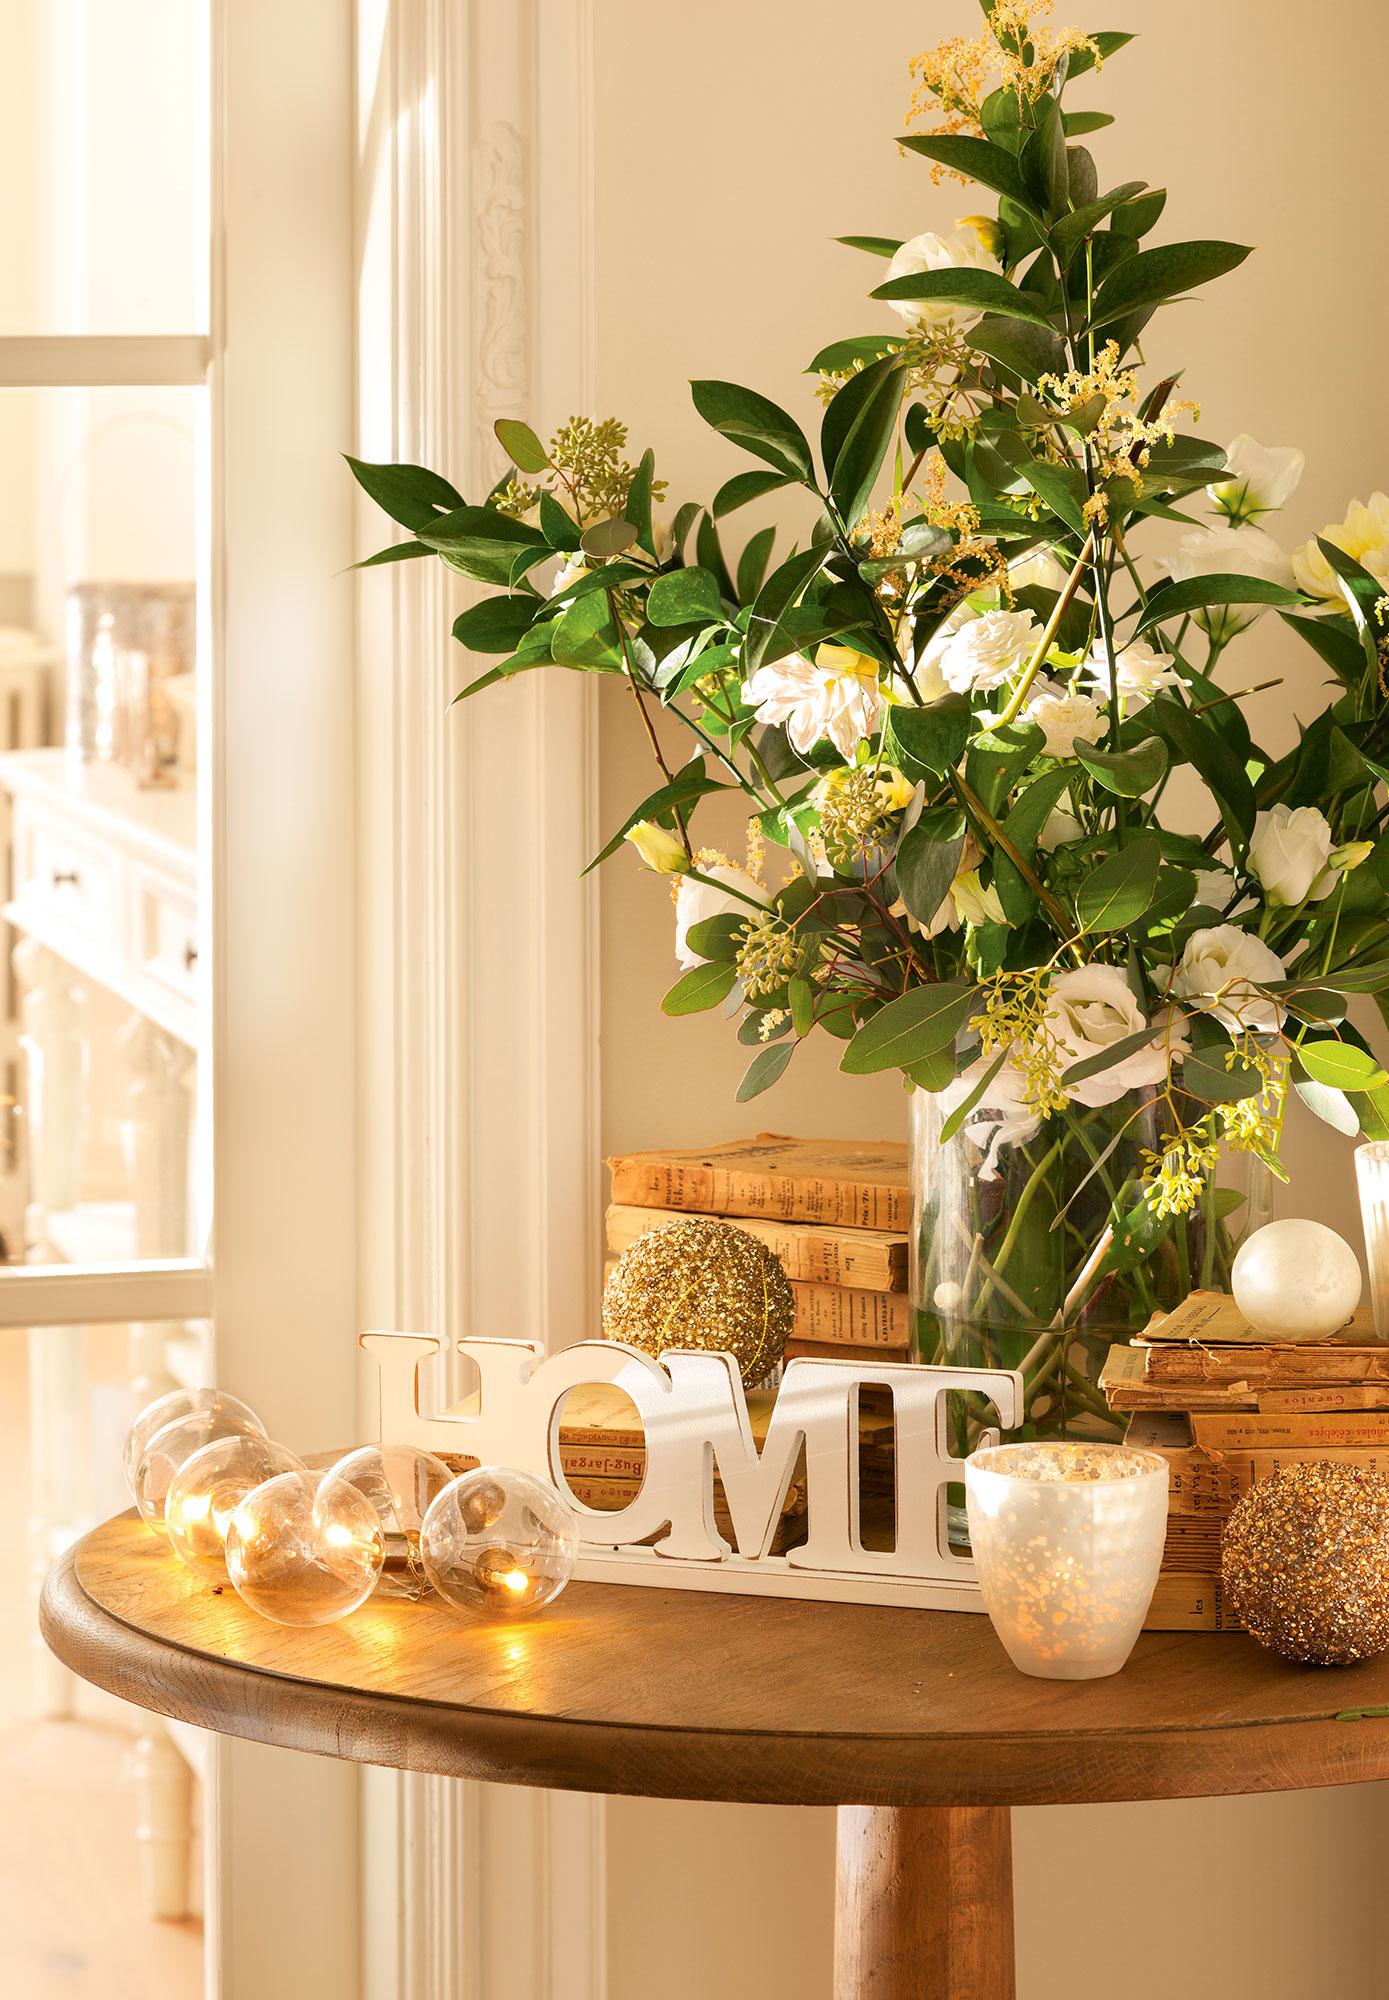 Detalle de rincón del salón con composición floral y detalles navideños en blanco y dorado